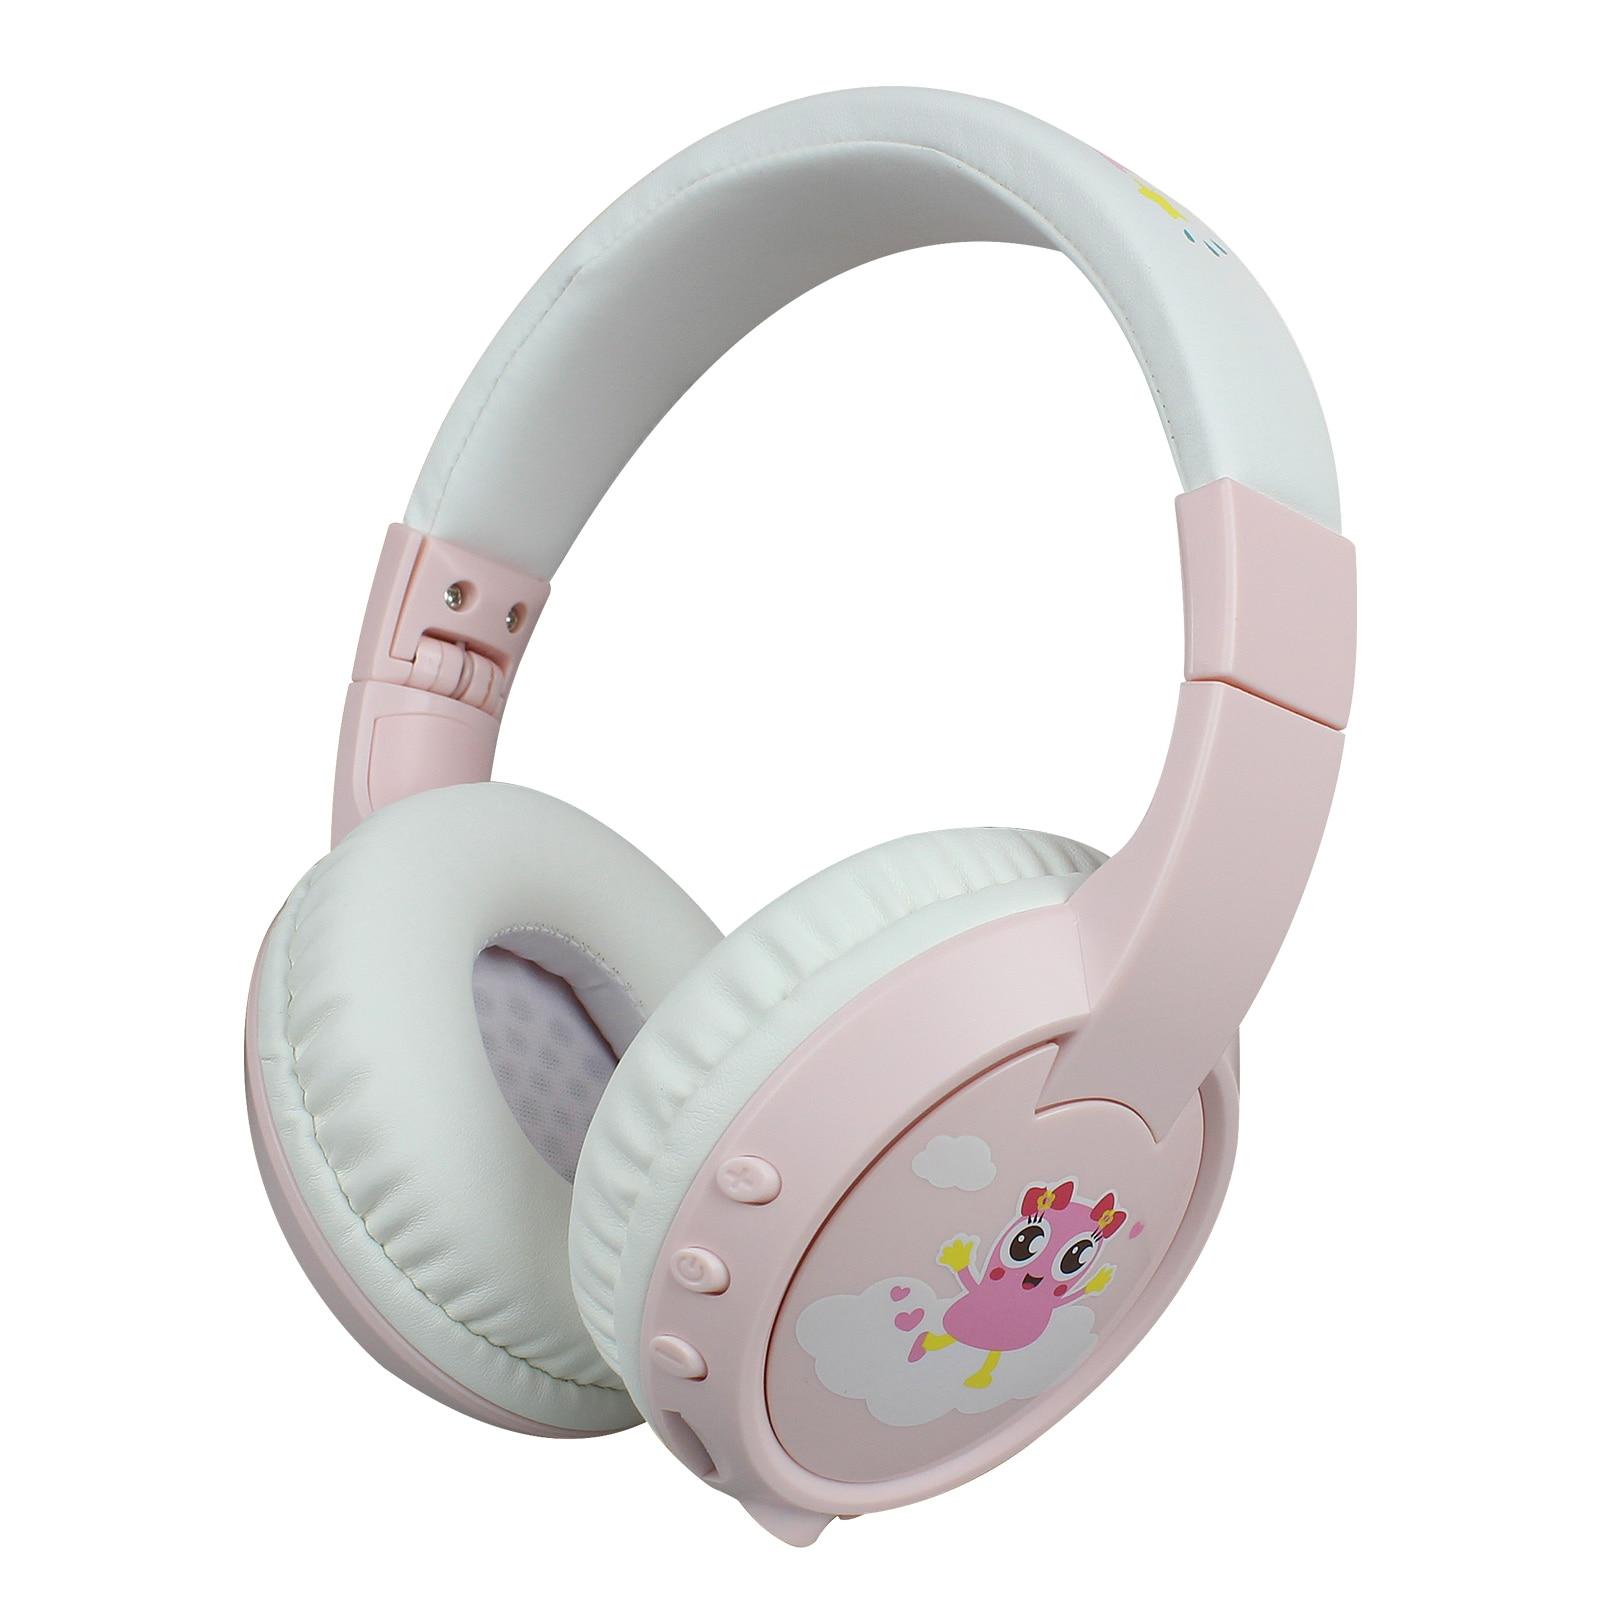 Kinderen Draadloze Headset Bt 5.0 Kinderen Leren/Entertainment Met Microfoon Opvouwbaar Bluetooth Hoofdtelefoon MP3 Muziek 1